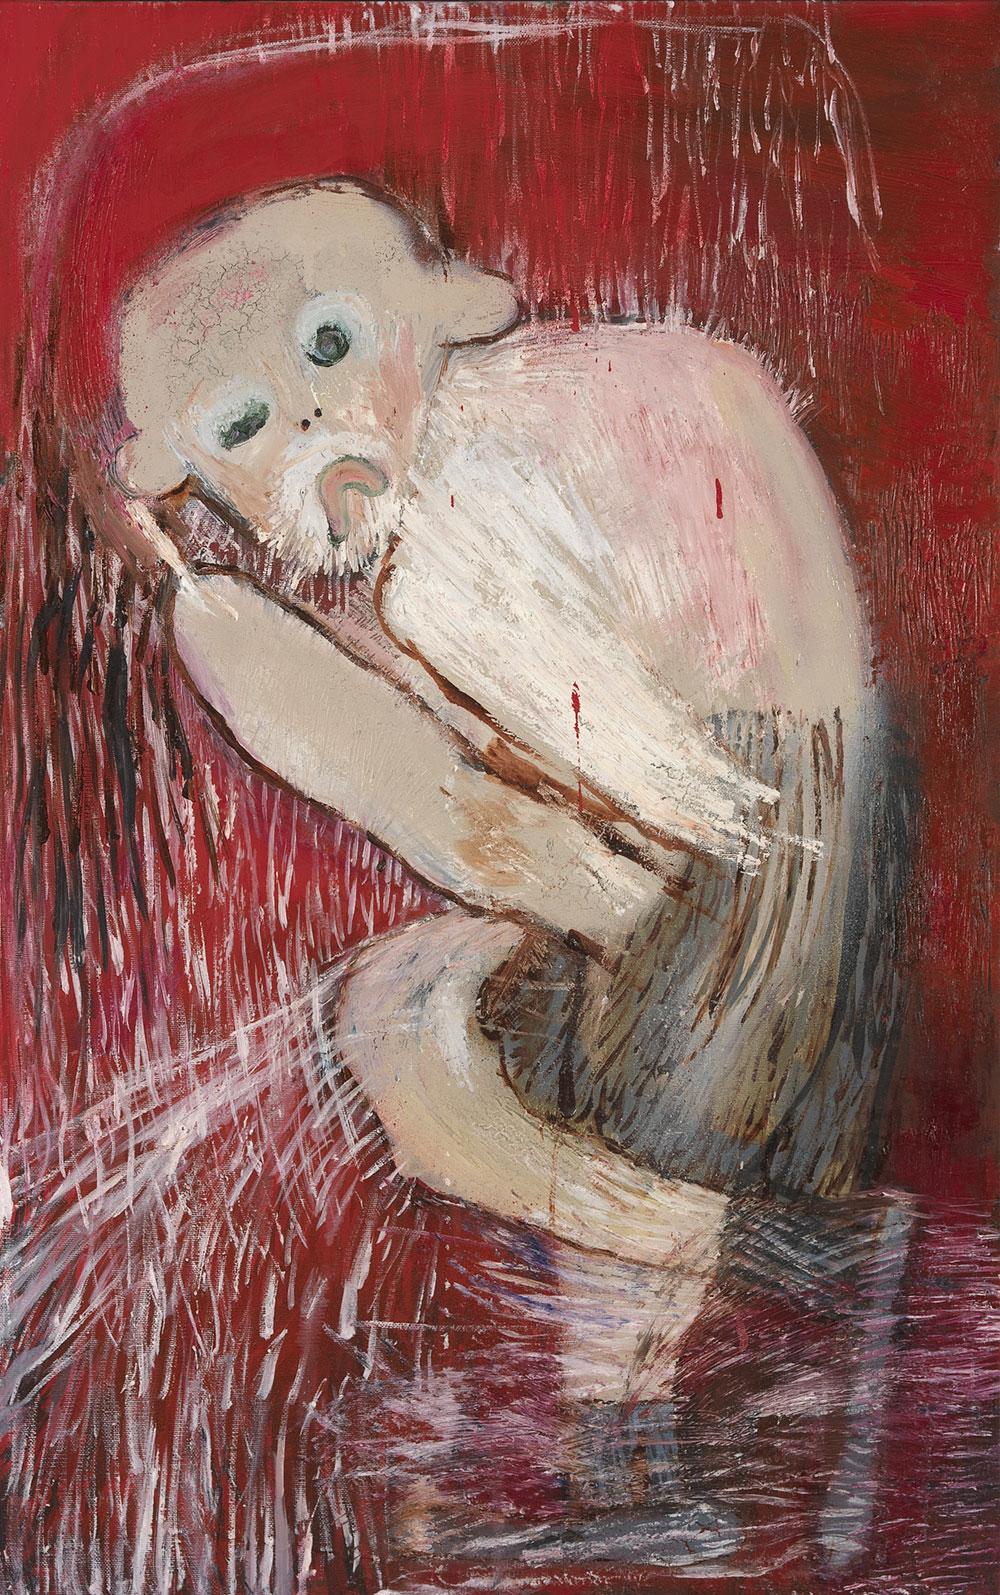 ציור של קוף מתוך ספר האמן של רקפת-וינר-עומר